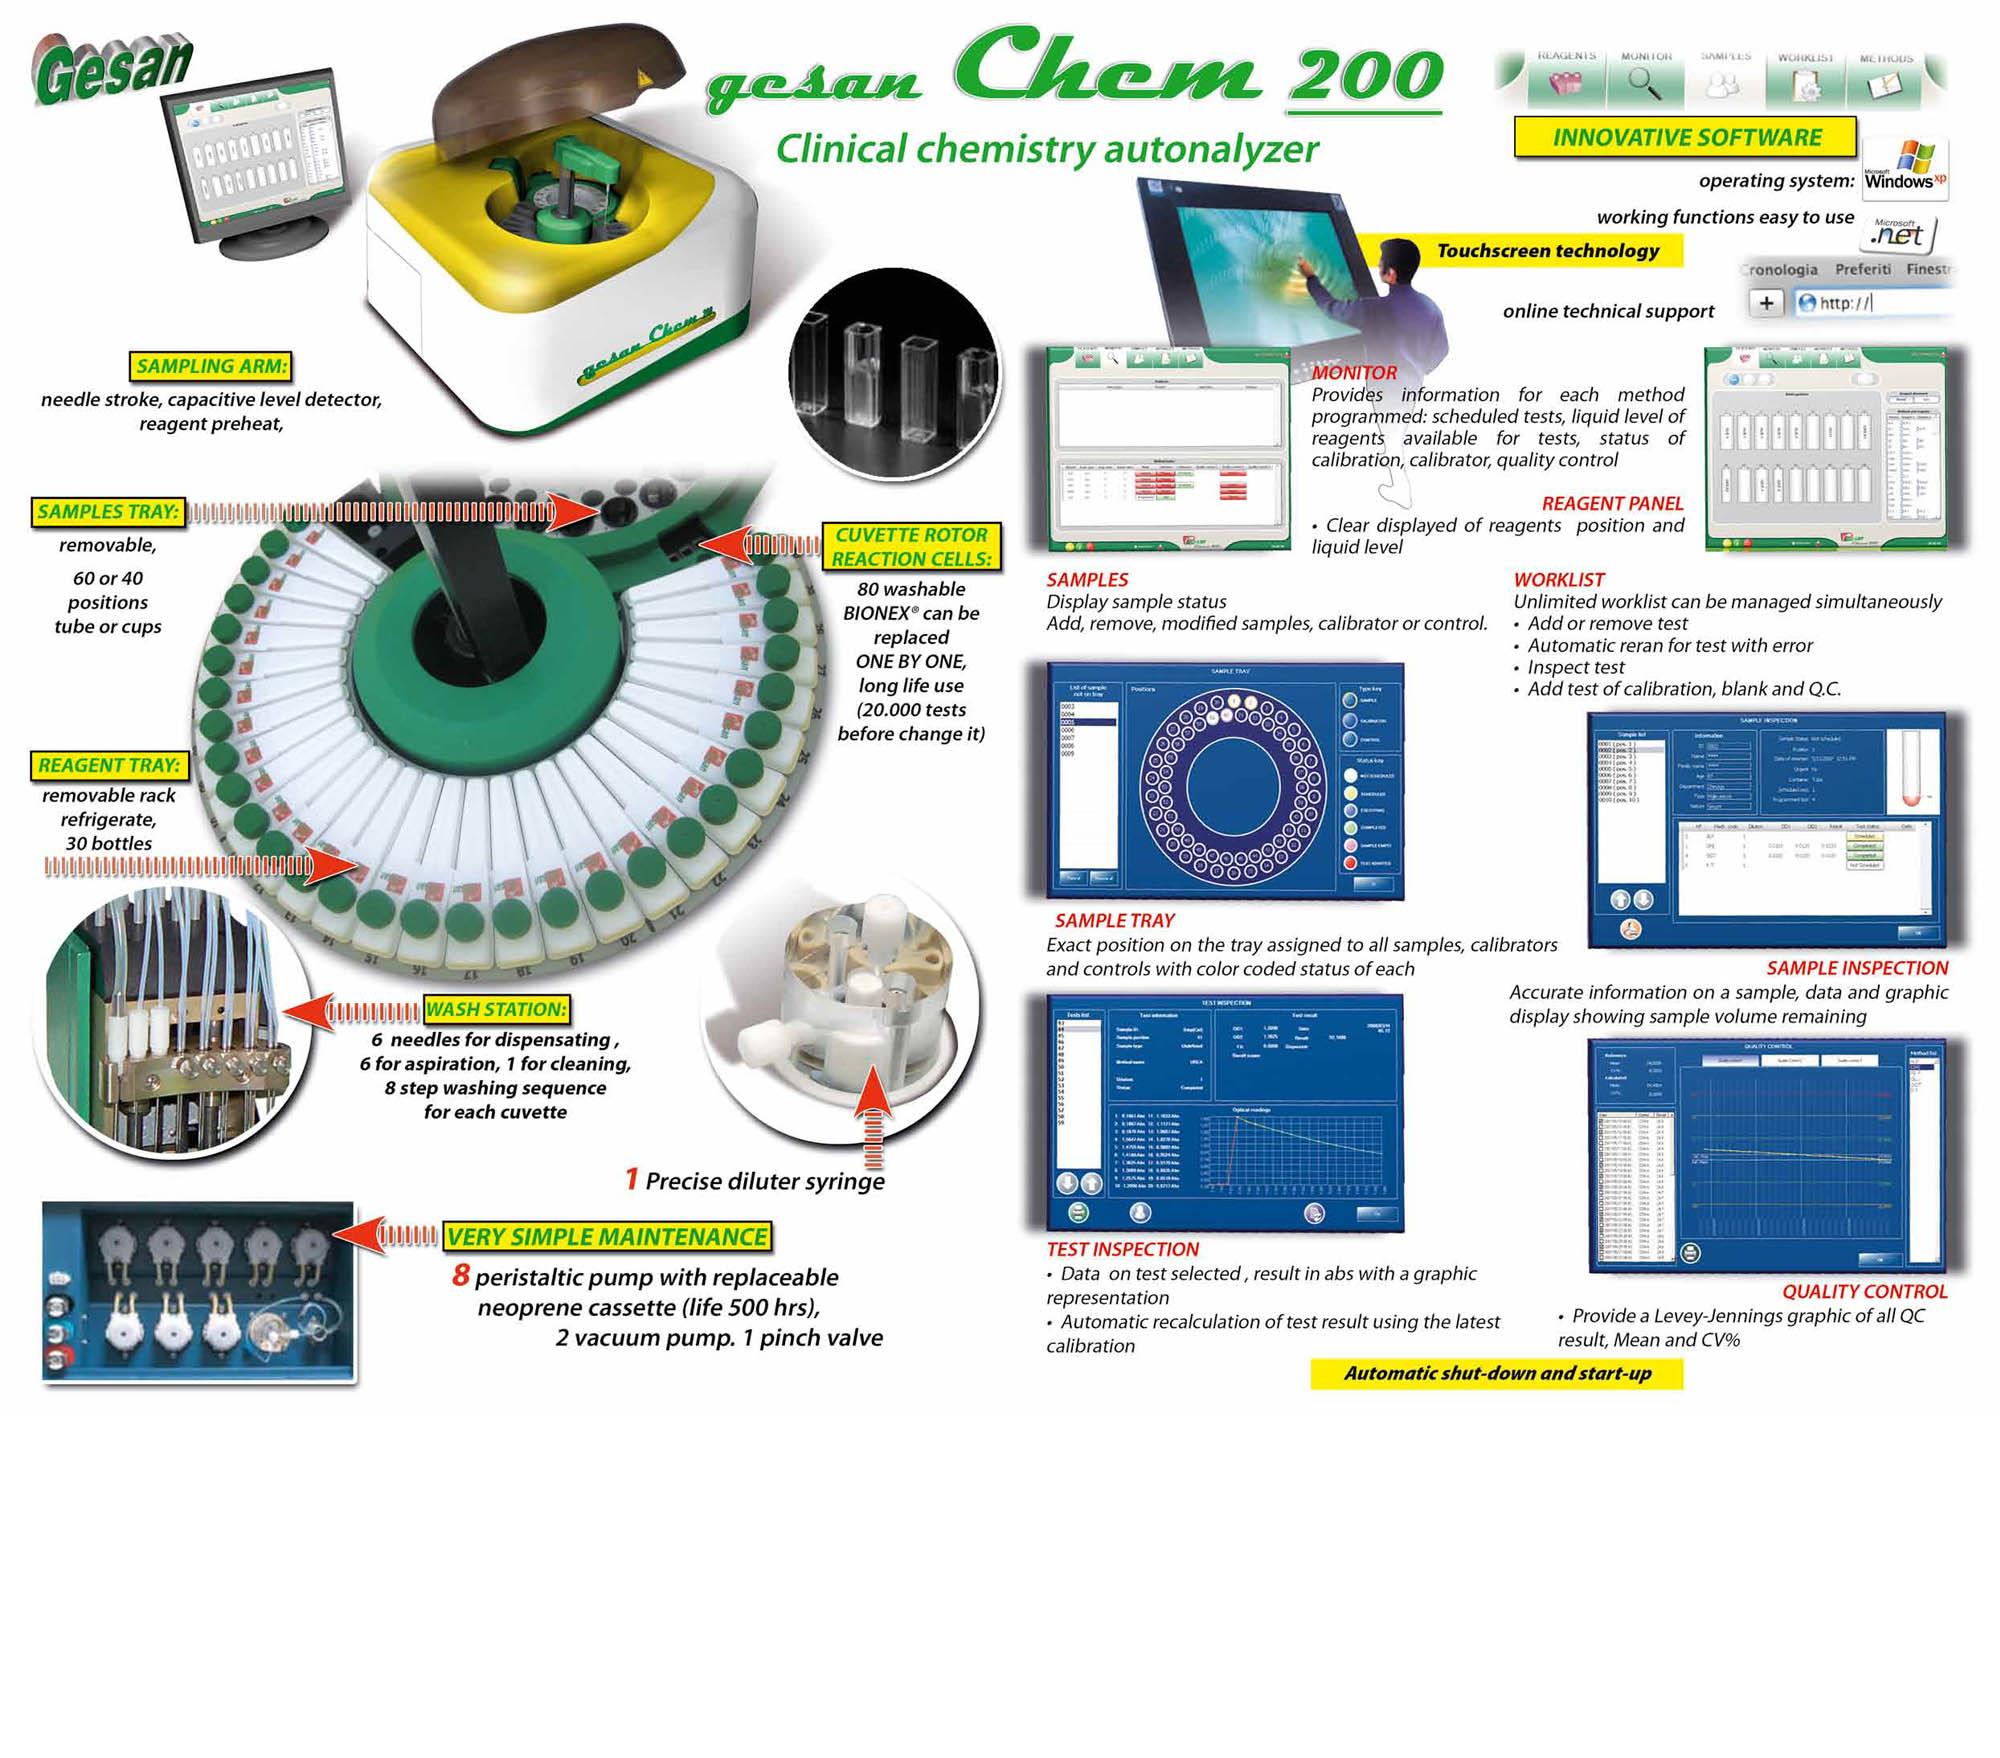 Clinical chemistry autonalyzer